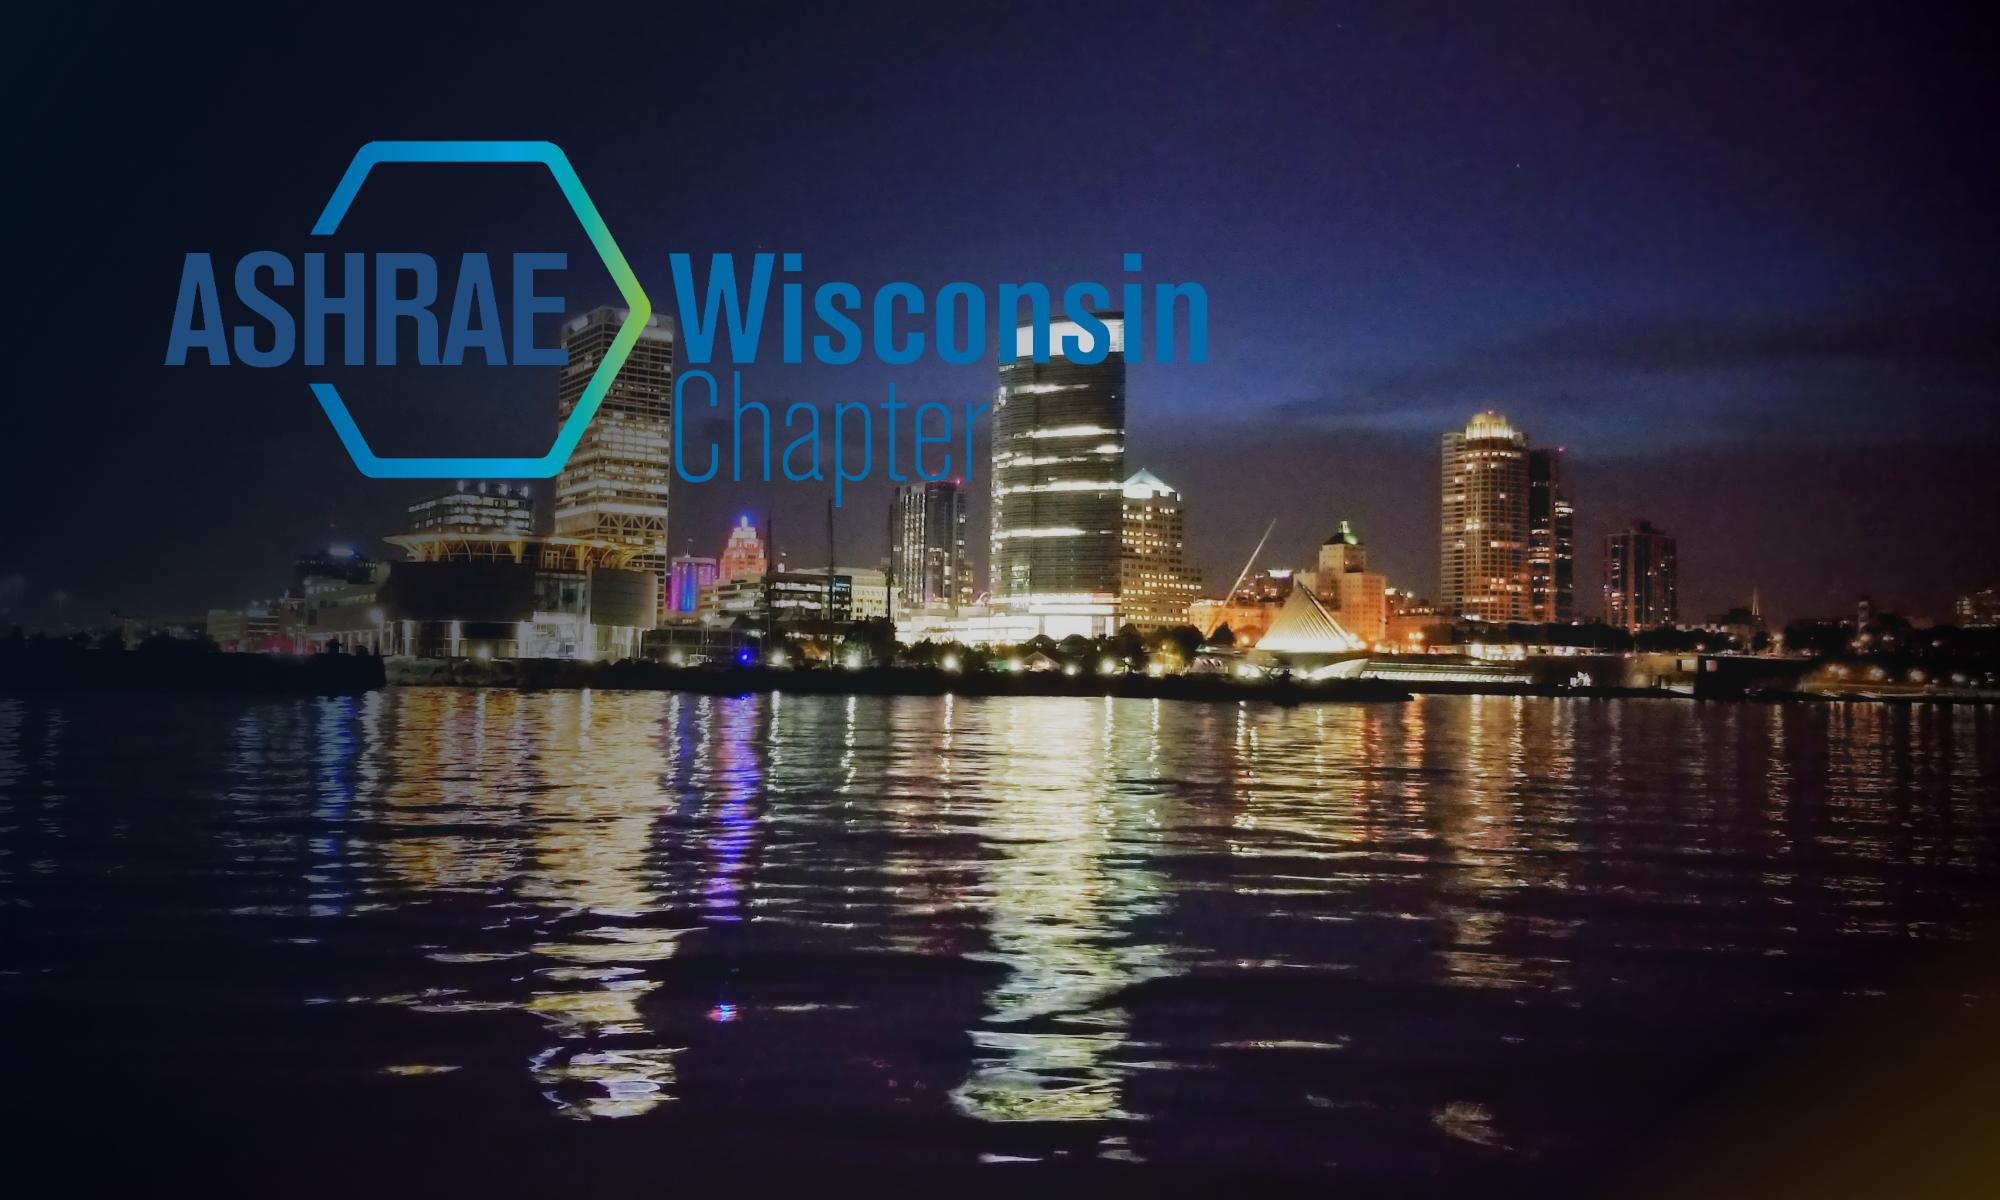 ASHRAE Wisconsin Chapter